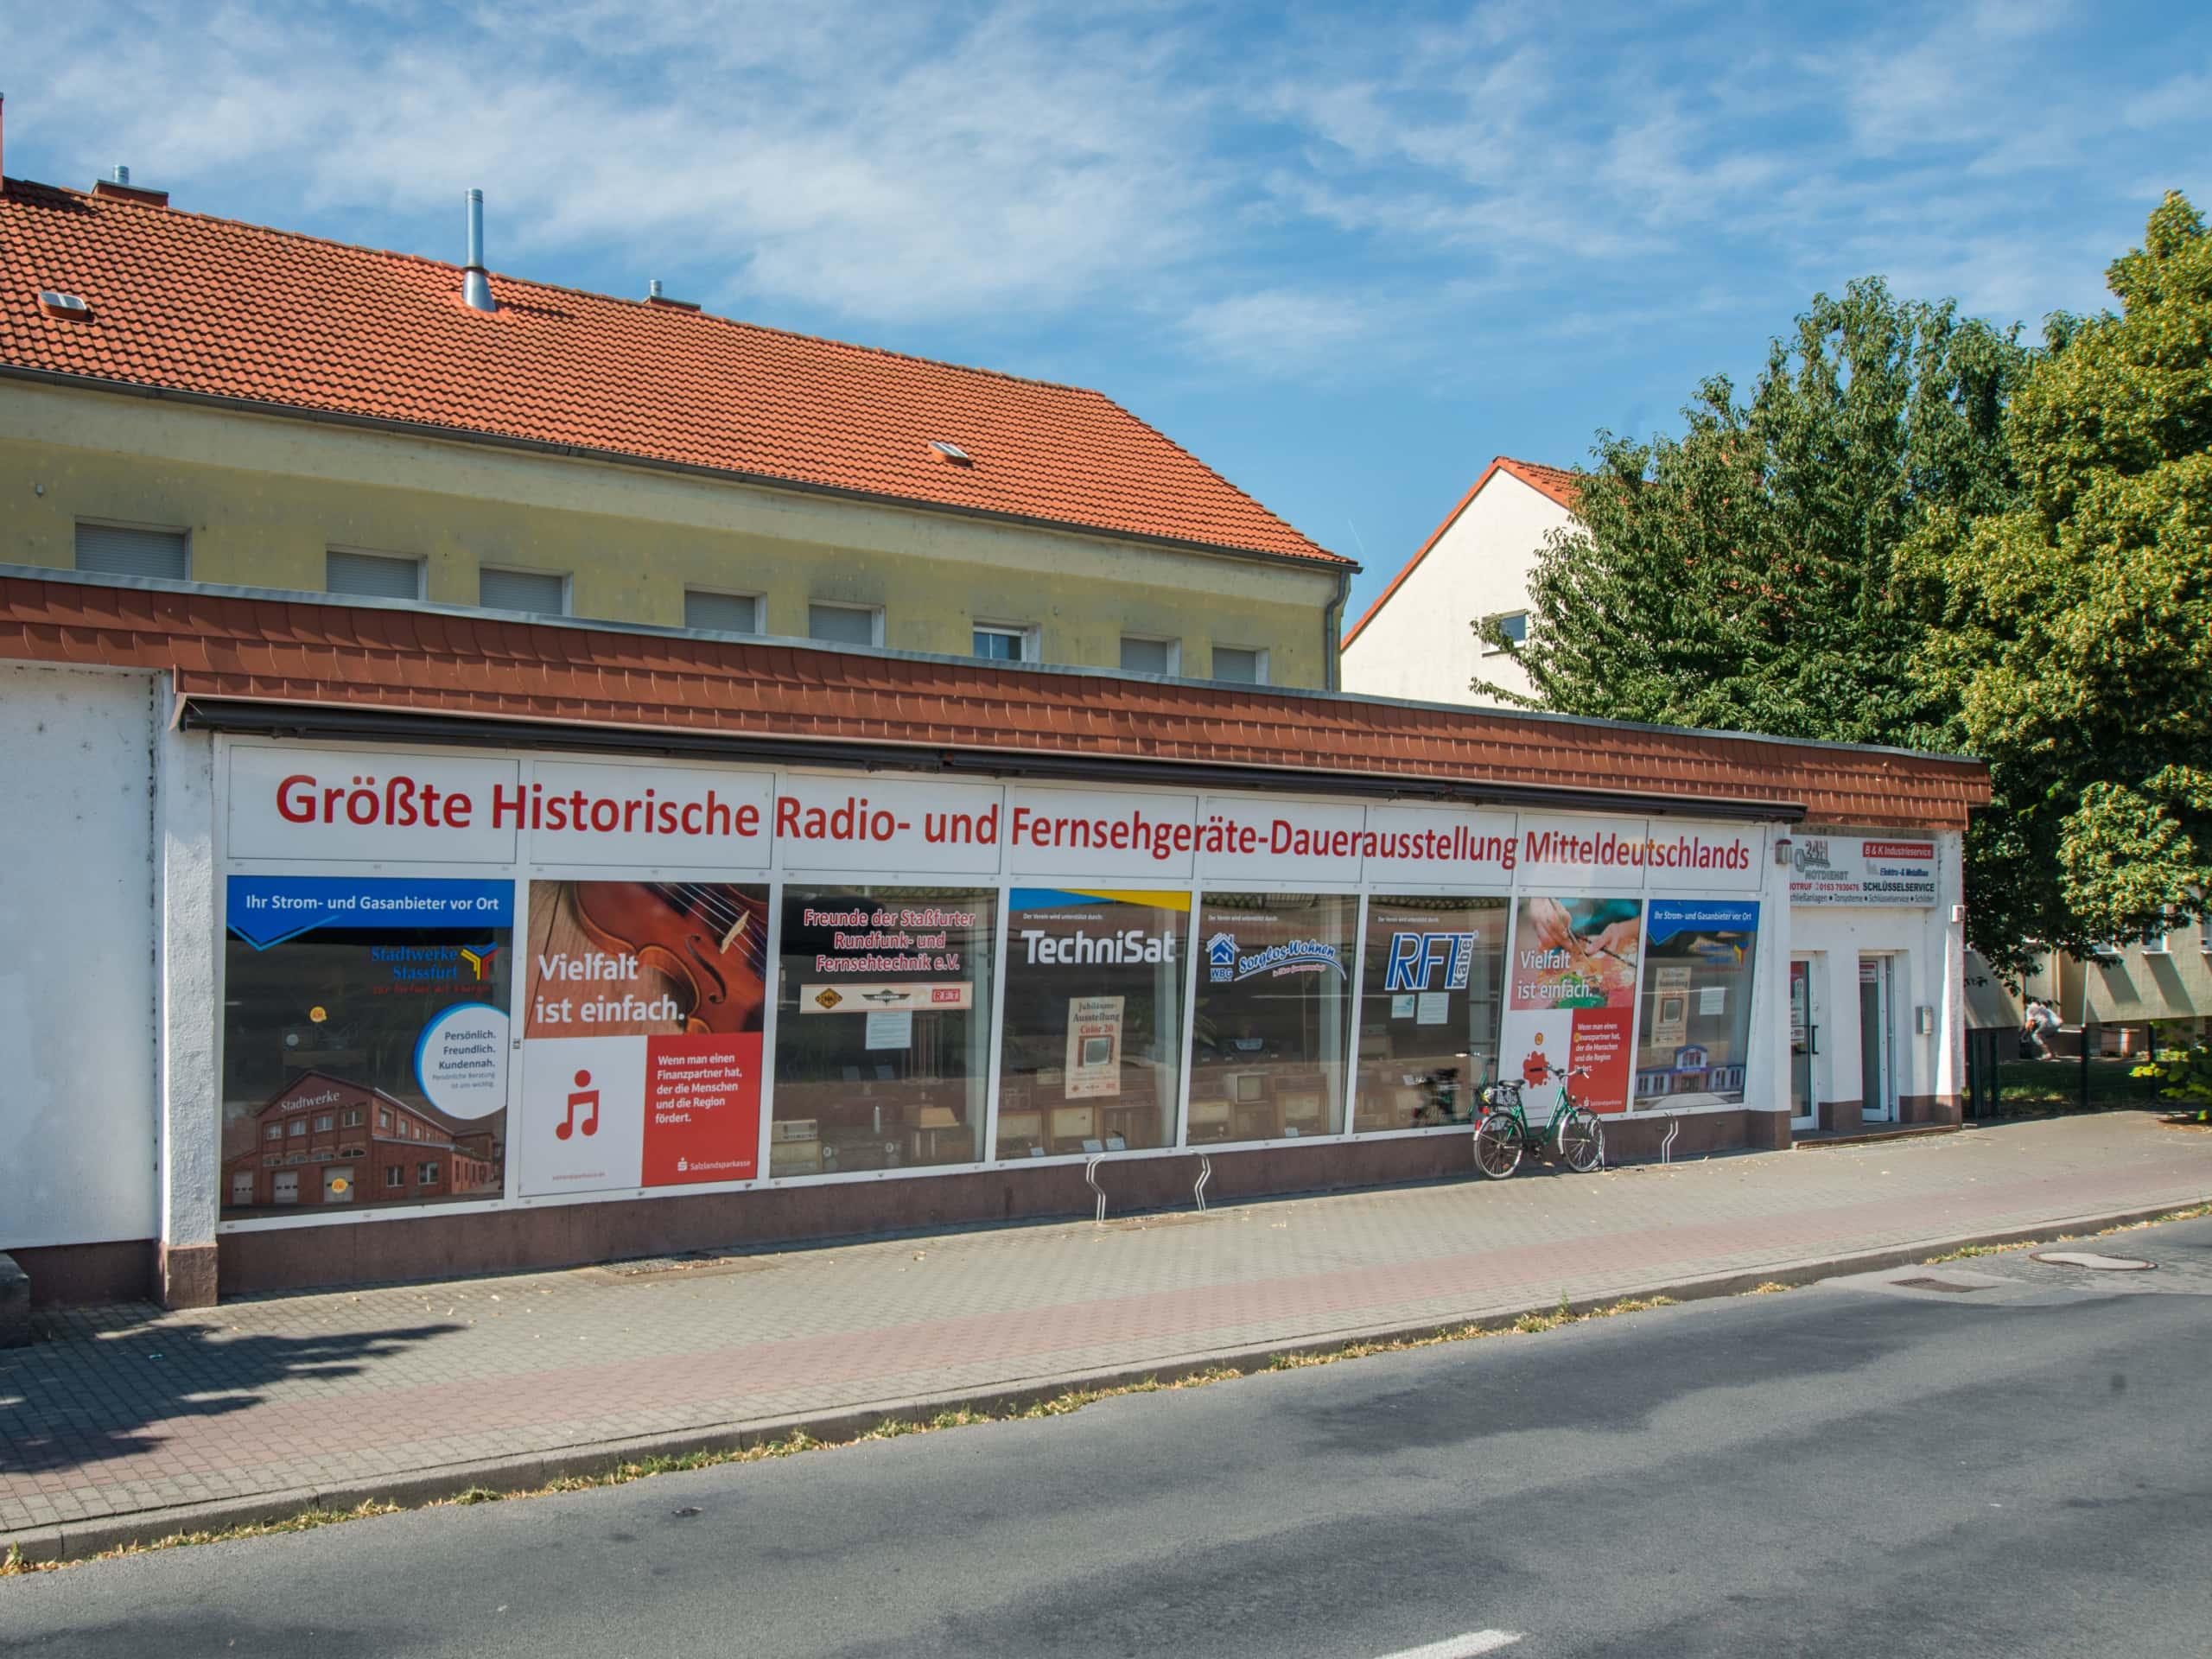 Industriekultur – Rundfunk- und Fernsehtechnik Staßfurt